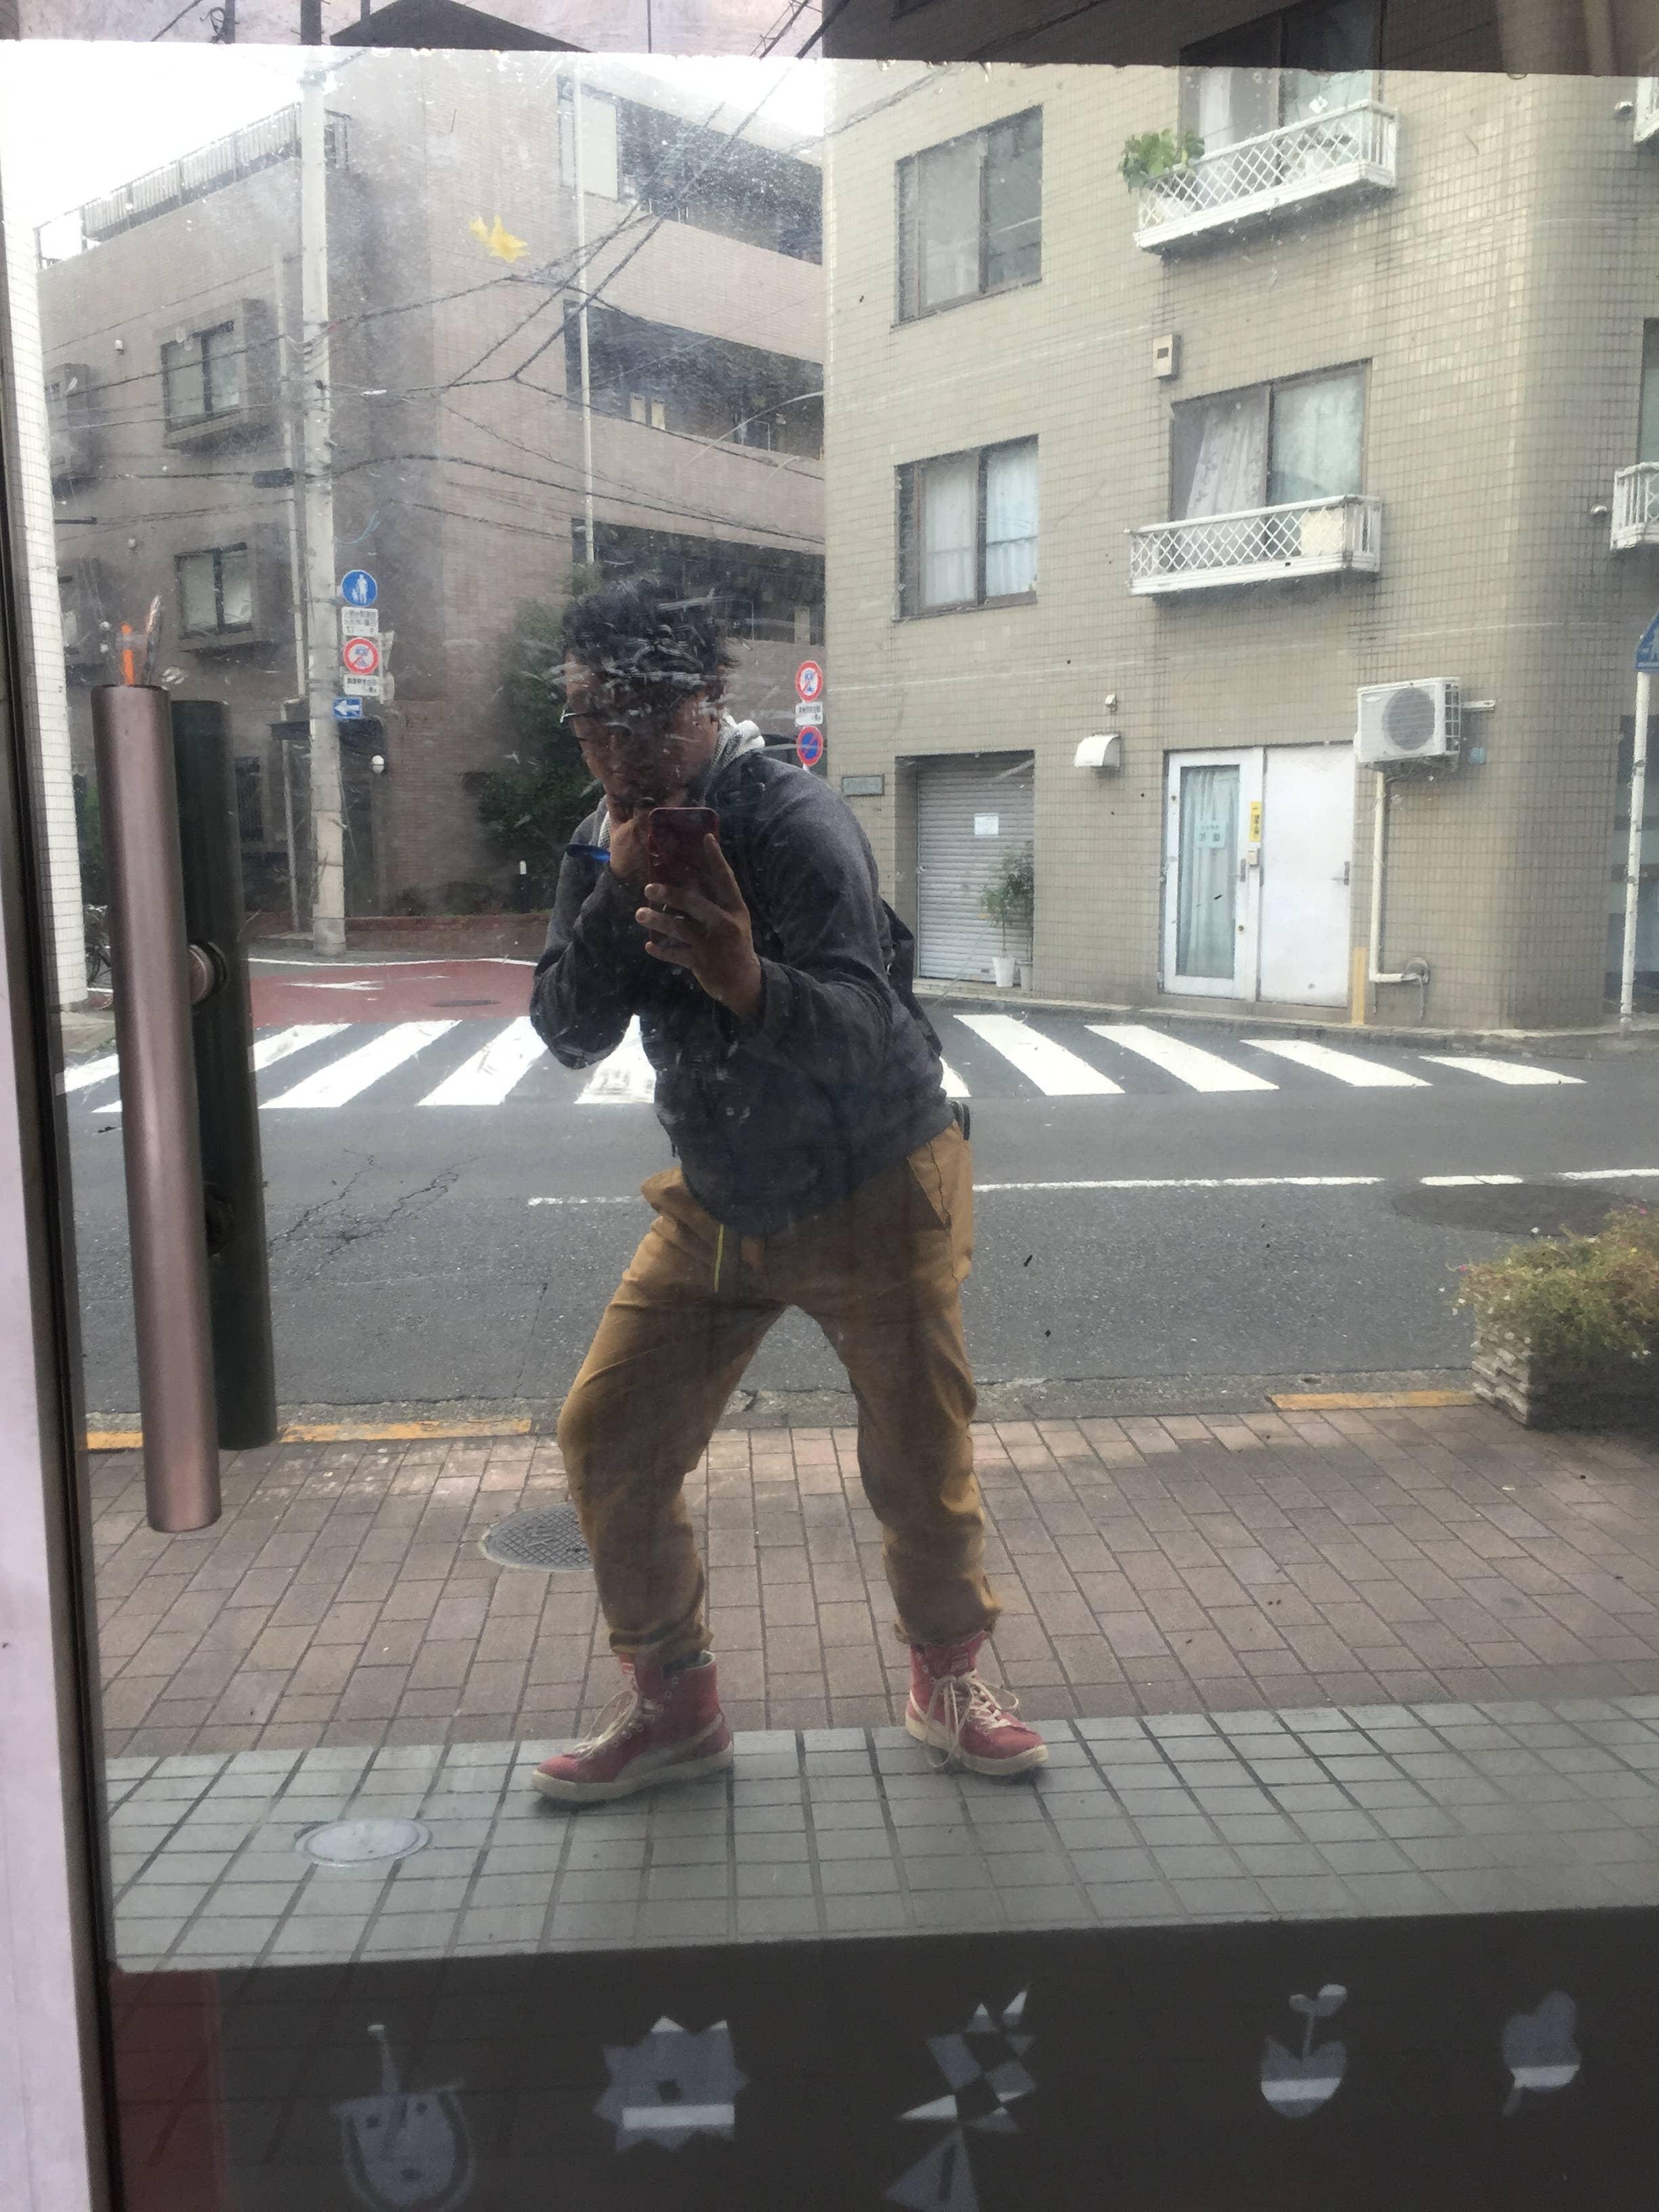 f. Nagata